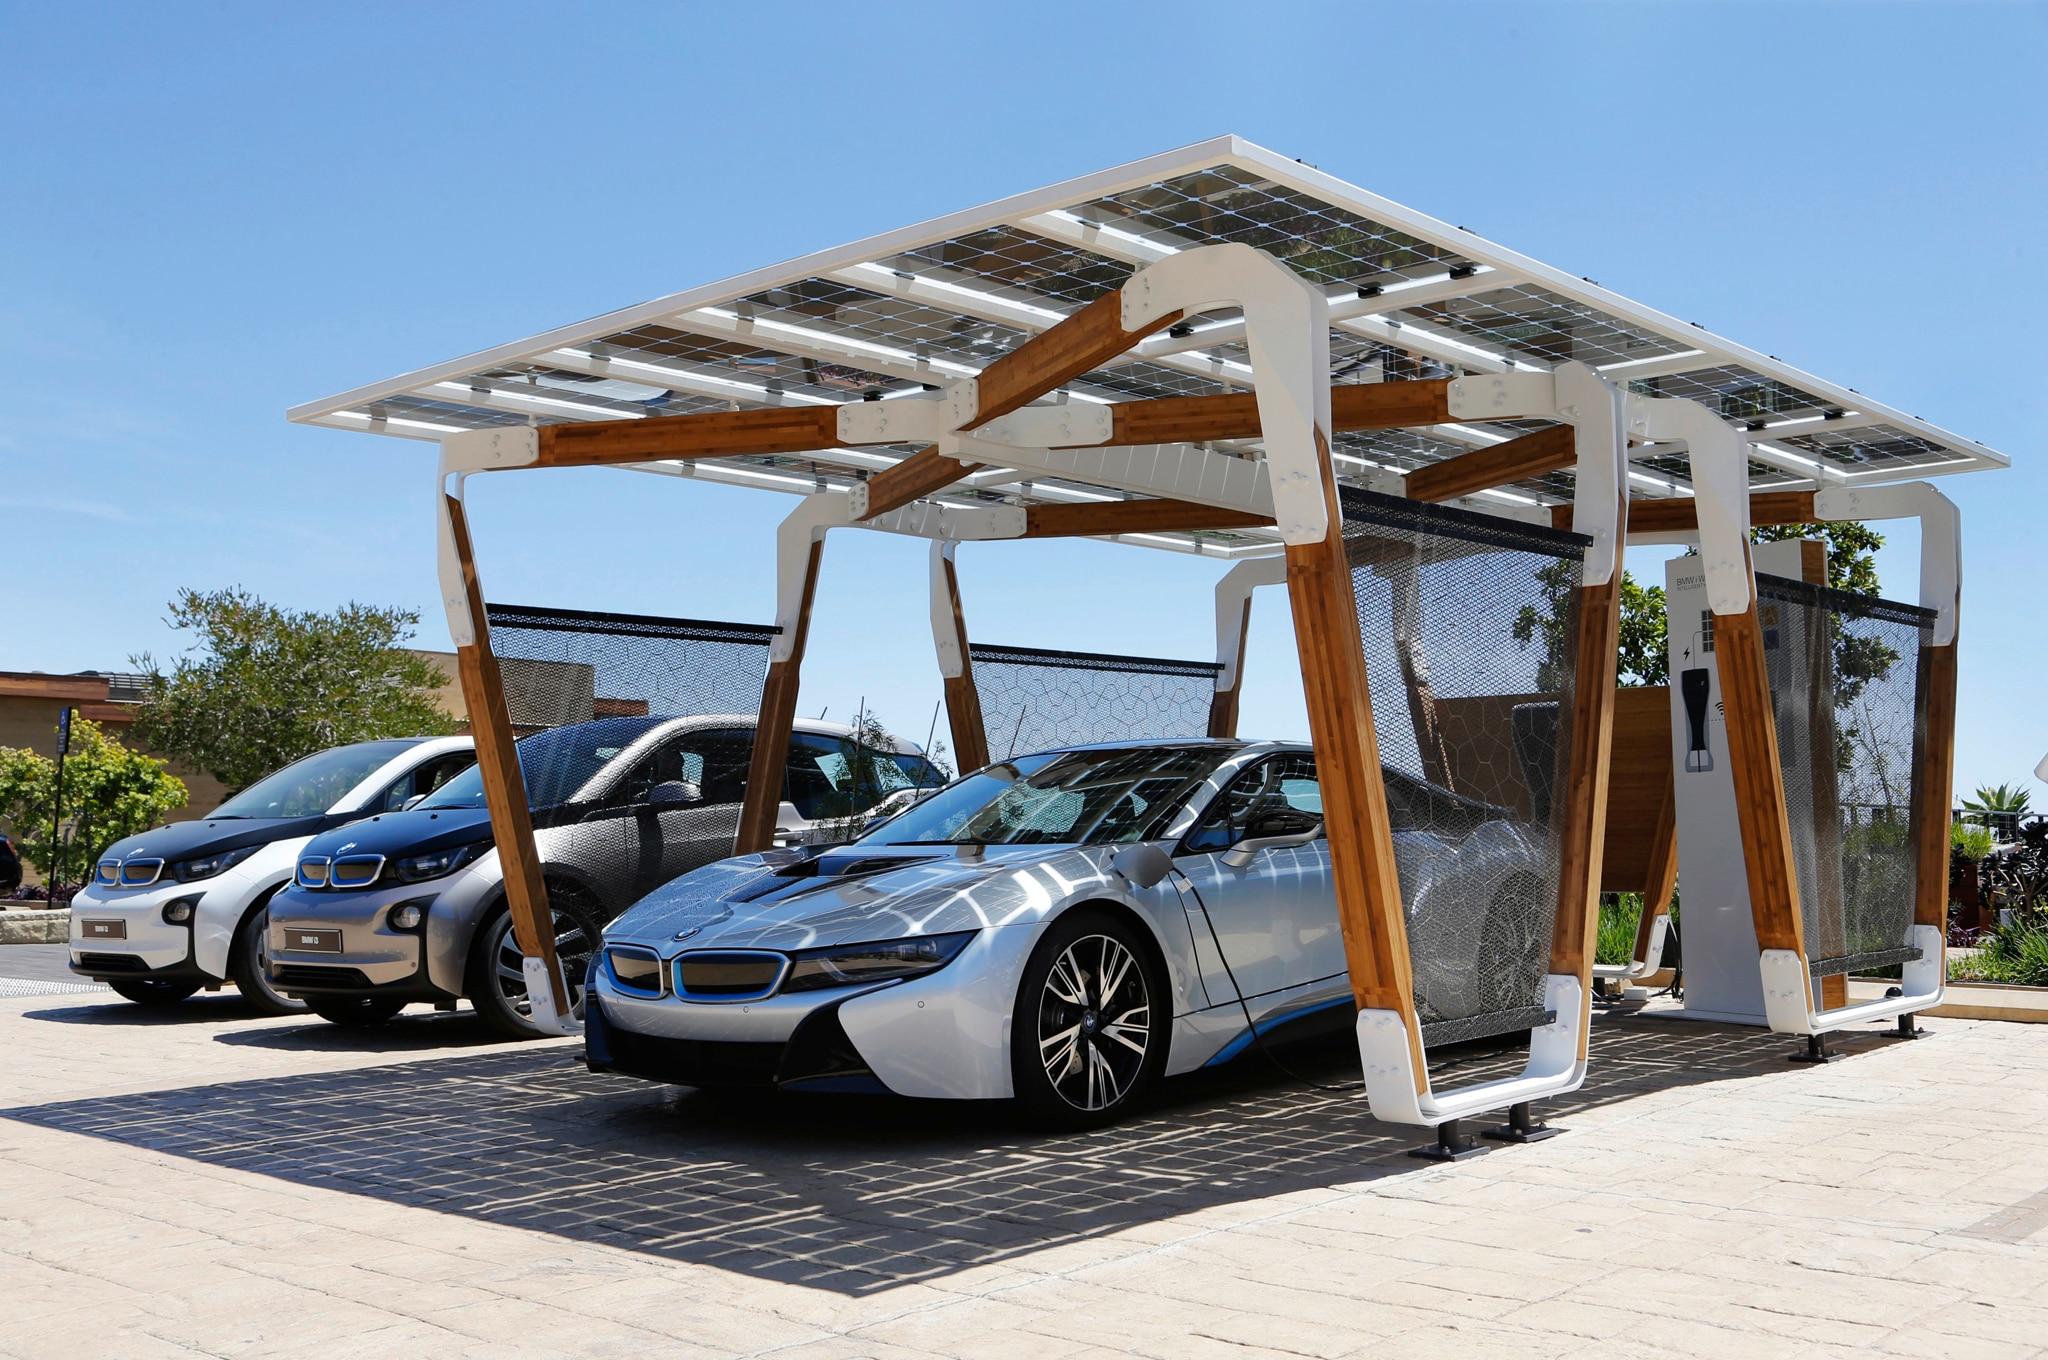 2014 Bmw I8 Solar Carport I3 Front Three Quarter1